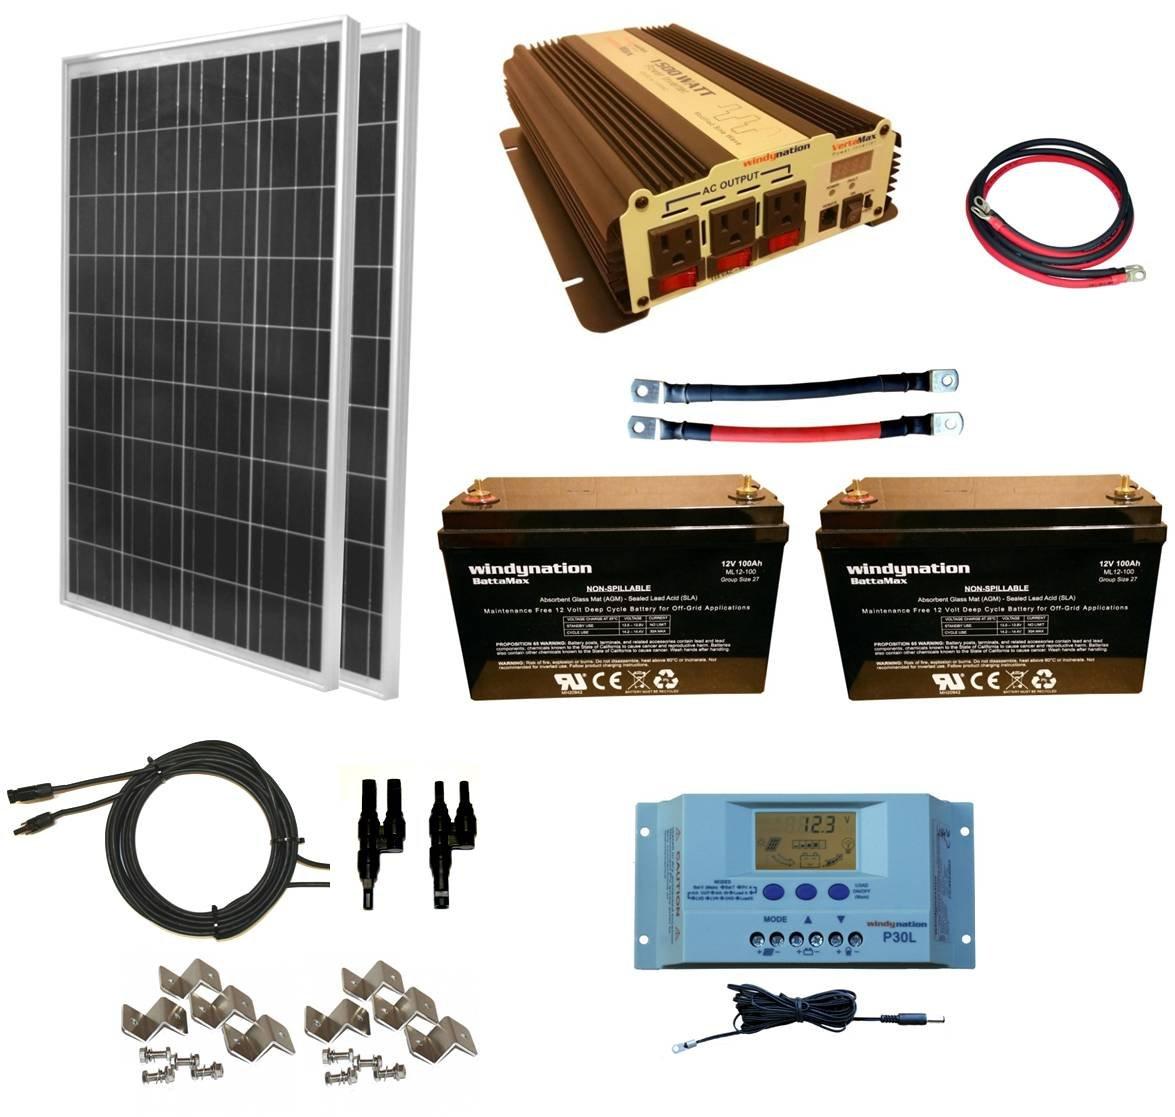 best solar panel kit for houseboat